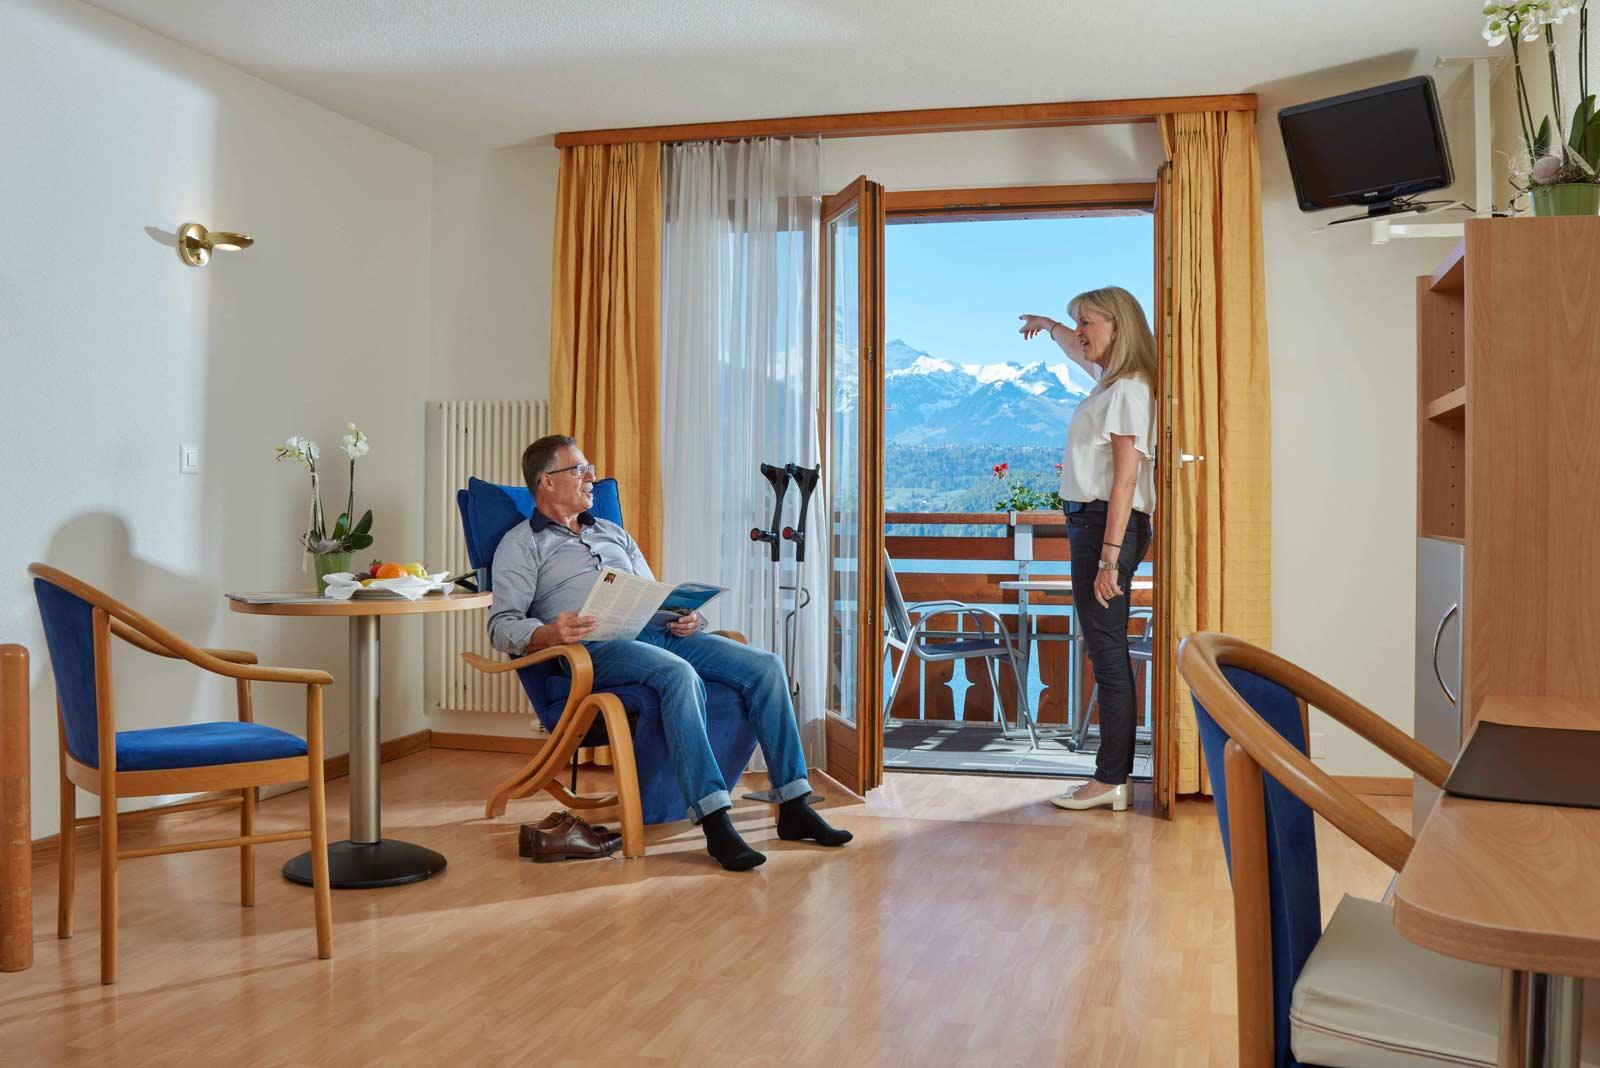 Patienten bewundern Aussicht in Patientenzimmer